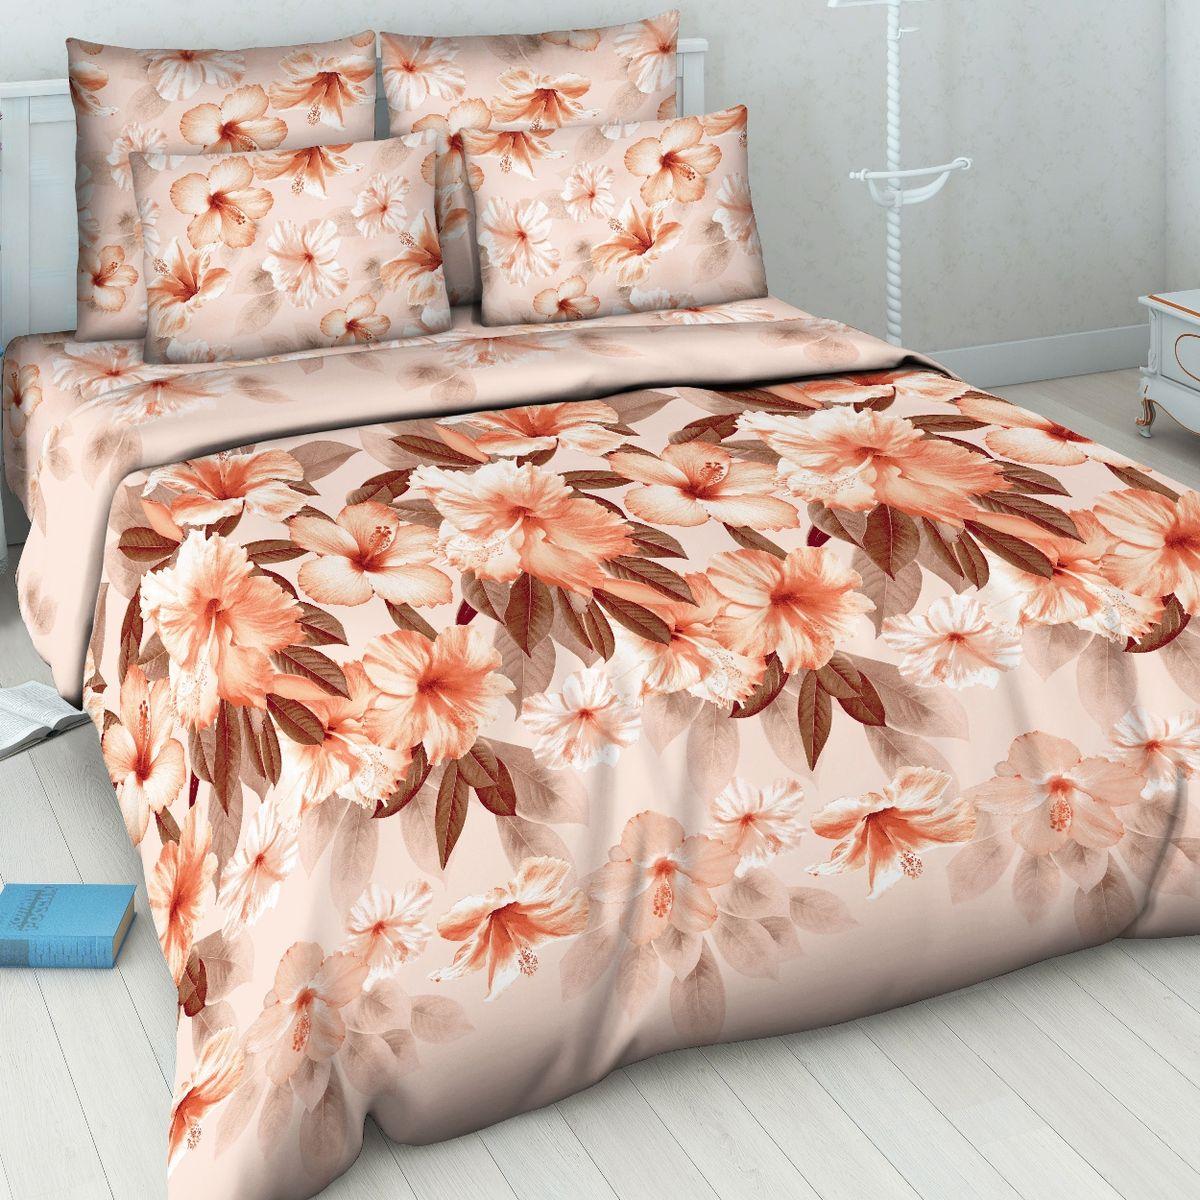 Комплект белья Василиса, 1,5-спальный, наволочки 70х70. 5114_1/1,55114_1/1,5Комплект постельного белья Василиса состоит из пододеяльника, простыни и двух наволочек. Белье производится из высококачественной бязи (100% хлопка). Использование особо тонкой пряжи делает ткань мягче на ощупь, обеспечивает легкое глажение и позволяет передать всю насыщенность цветовой гаммы. Благодаря более плотному переплетению нитей и использованию высококачественных импортных красителей постельное белье выдерживает до 70 стирок. Приобретая комплект постельного белья Василиса, вы можете быть уверены в том, что покупка доставит вам удовольствие и подарит максимальный комфорт.